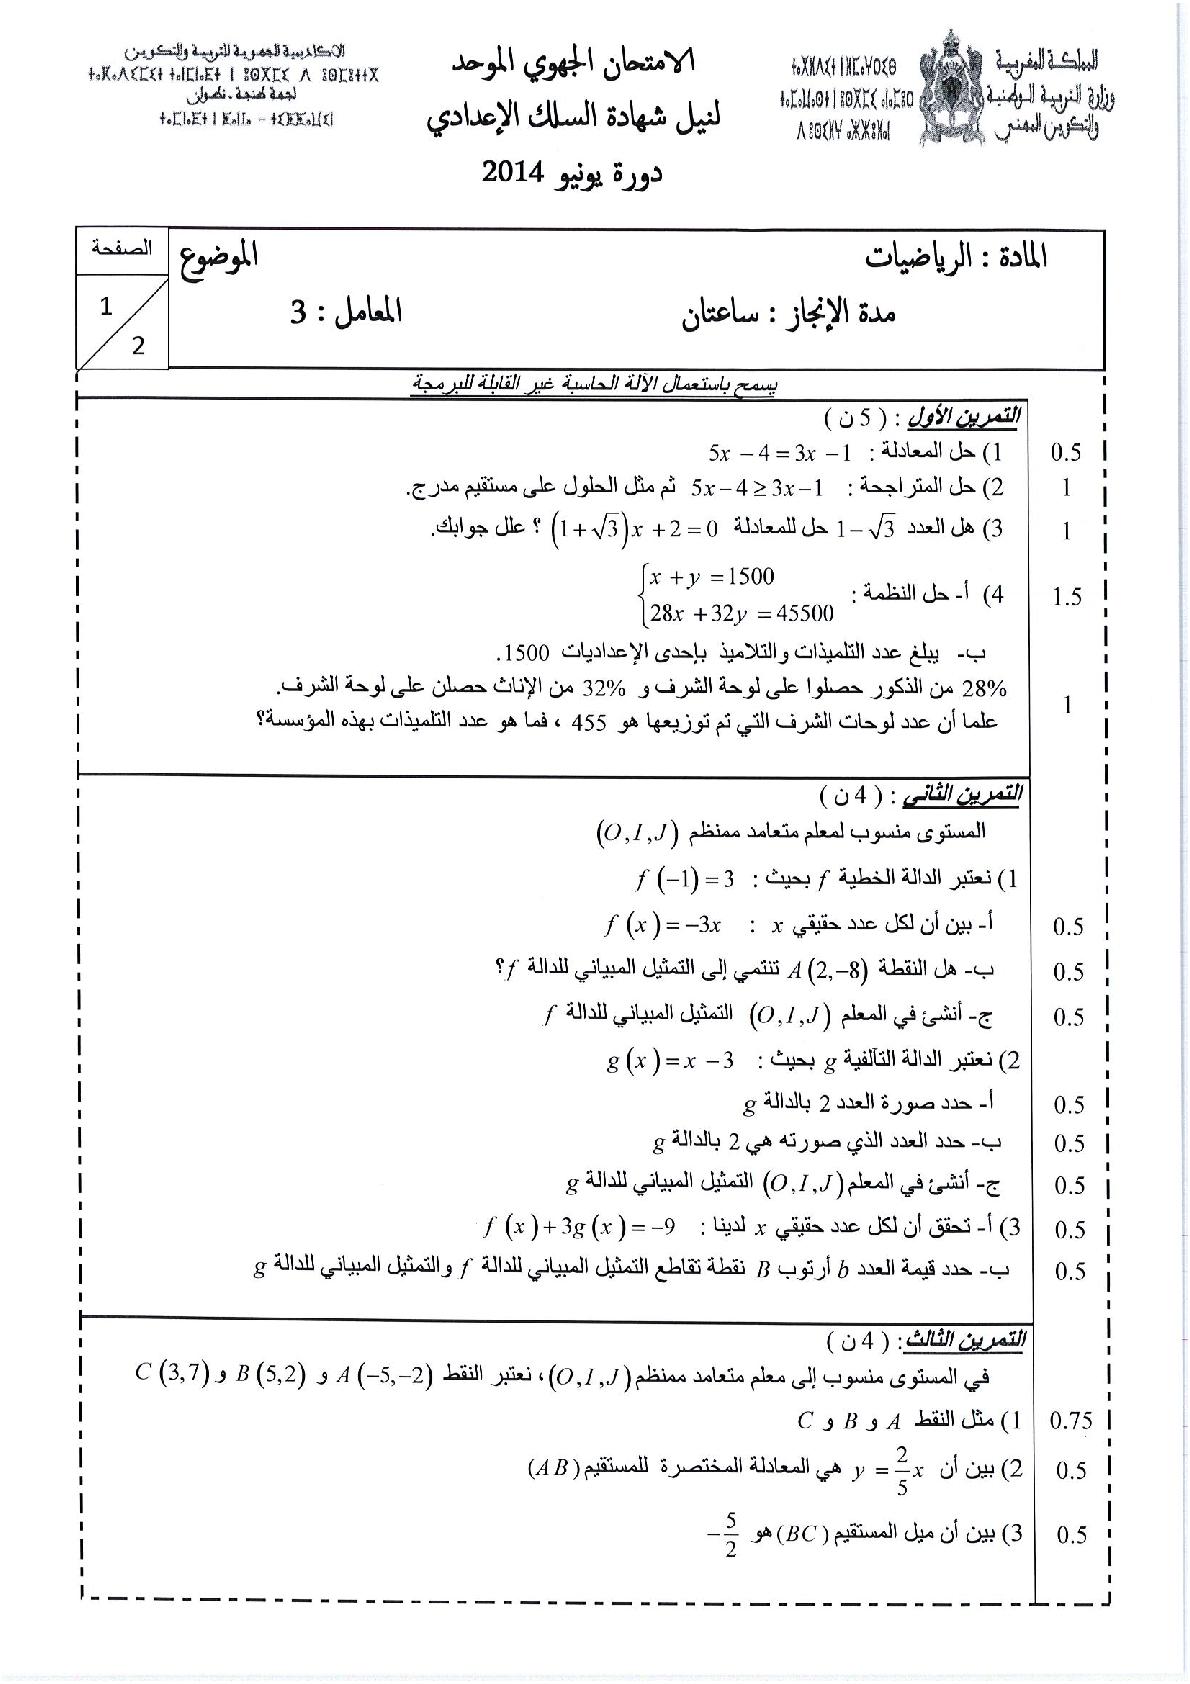 الامتحان الجهوي الموحد دورة يونيو 2014 لجهة طنجة تطوان الحسيمة